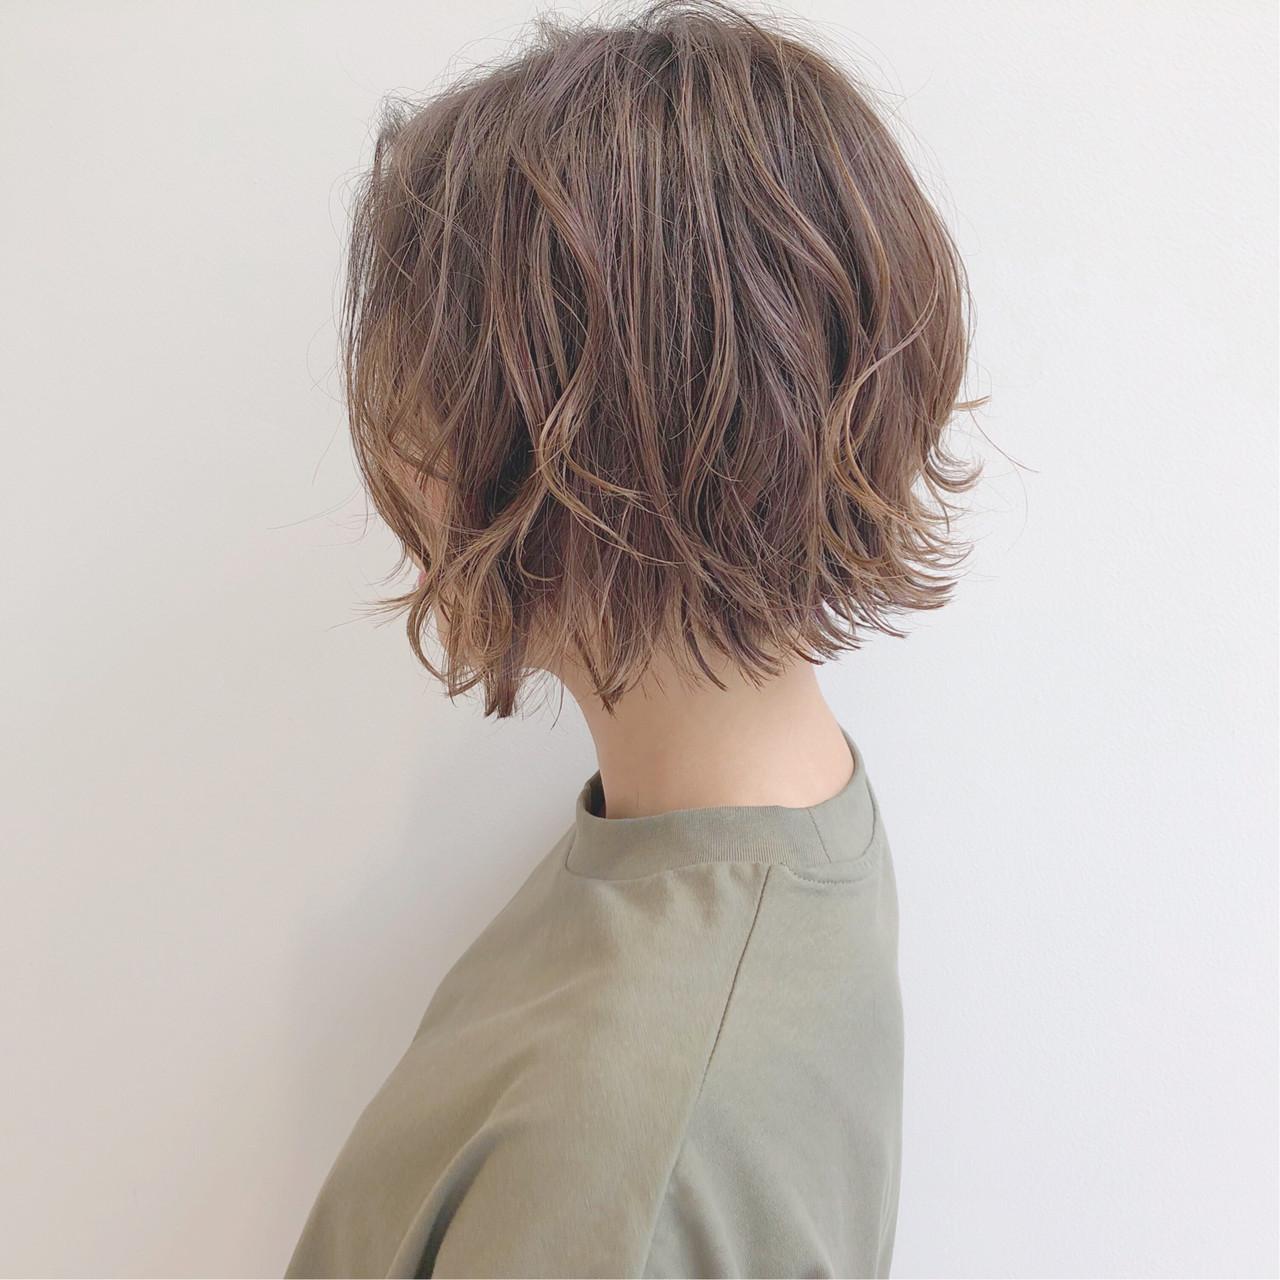 簡単ヘアアレンジ デート ボブ オフィス ヘアスタイルや髪型の写真・画像